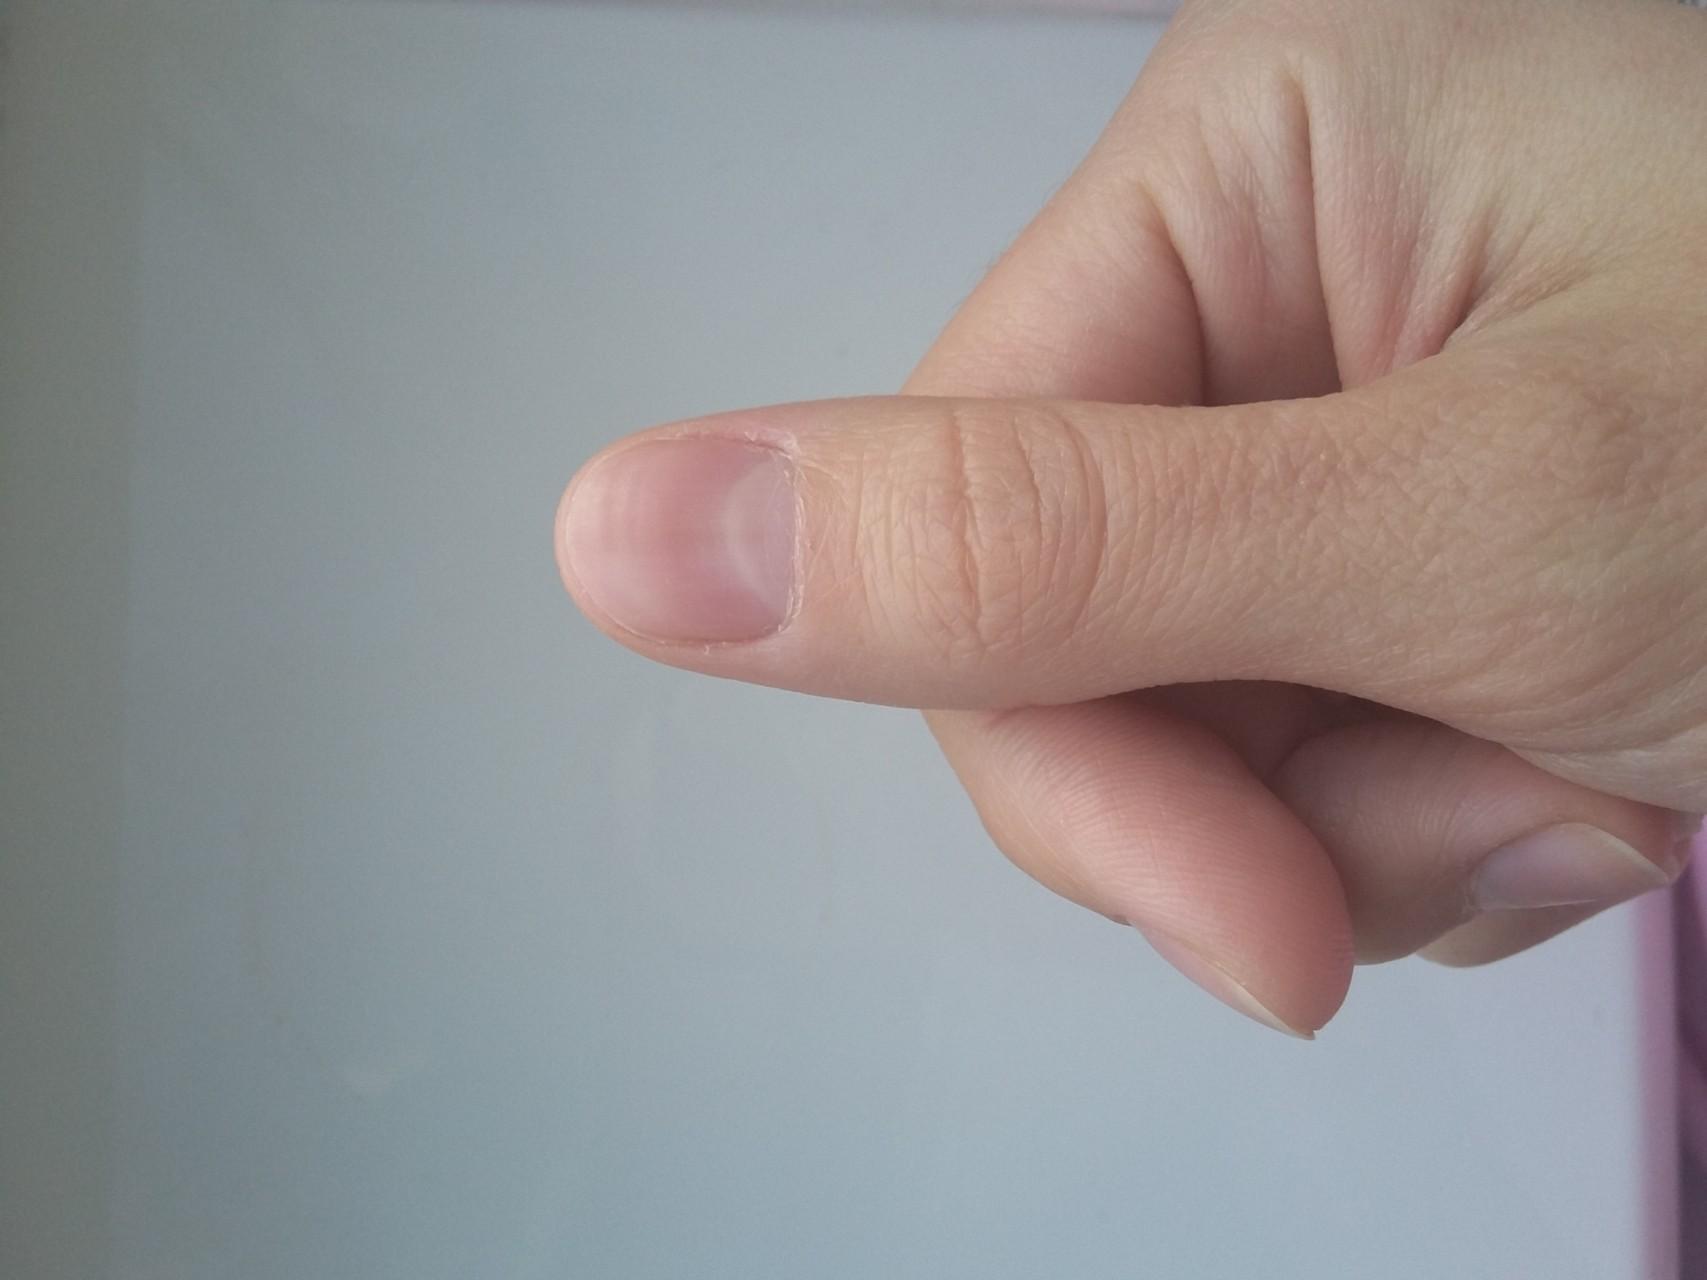 Полоски на ногтях причины фото